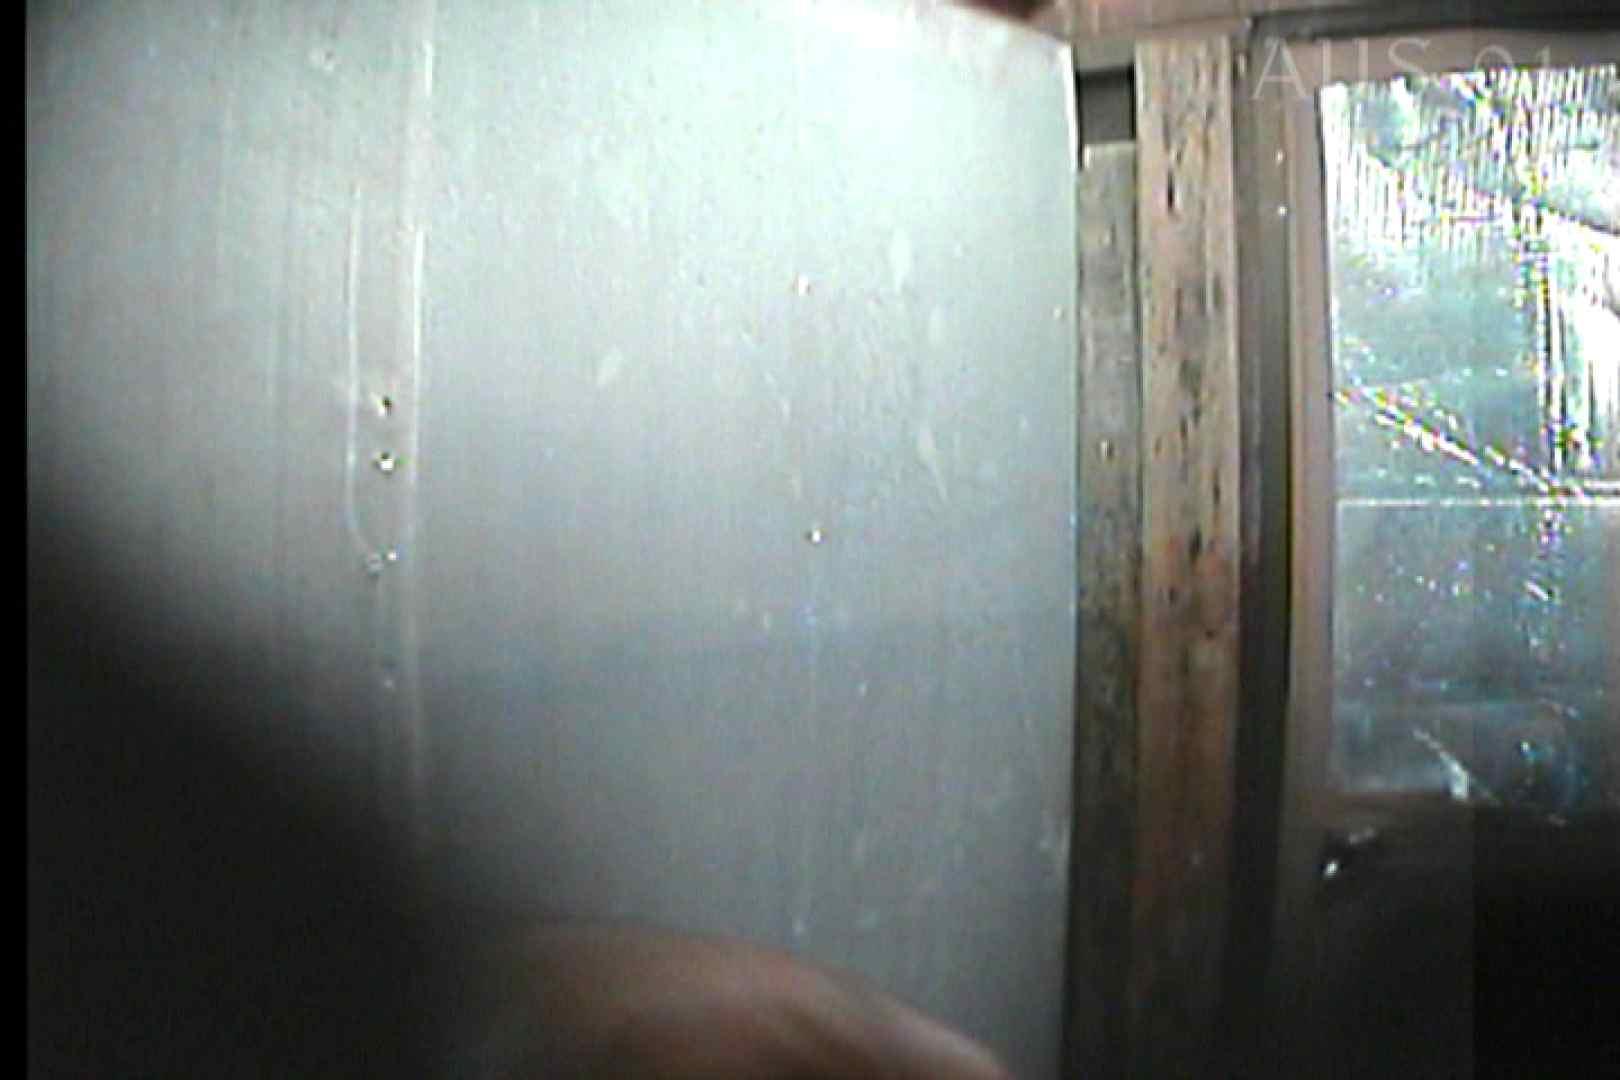 海の家の更衣室 Vol.05 OLの実態  84pic 21